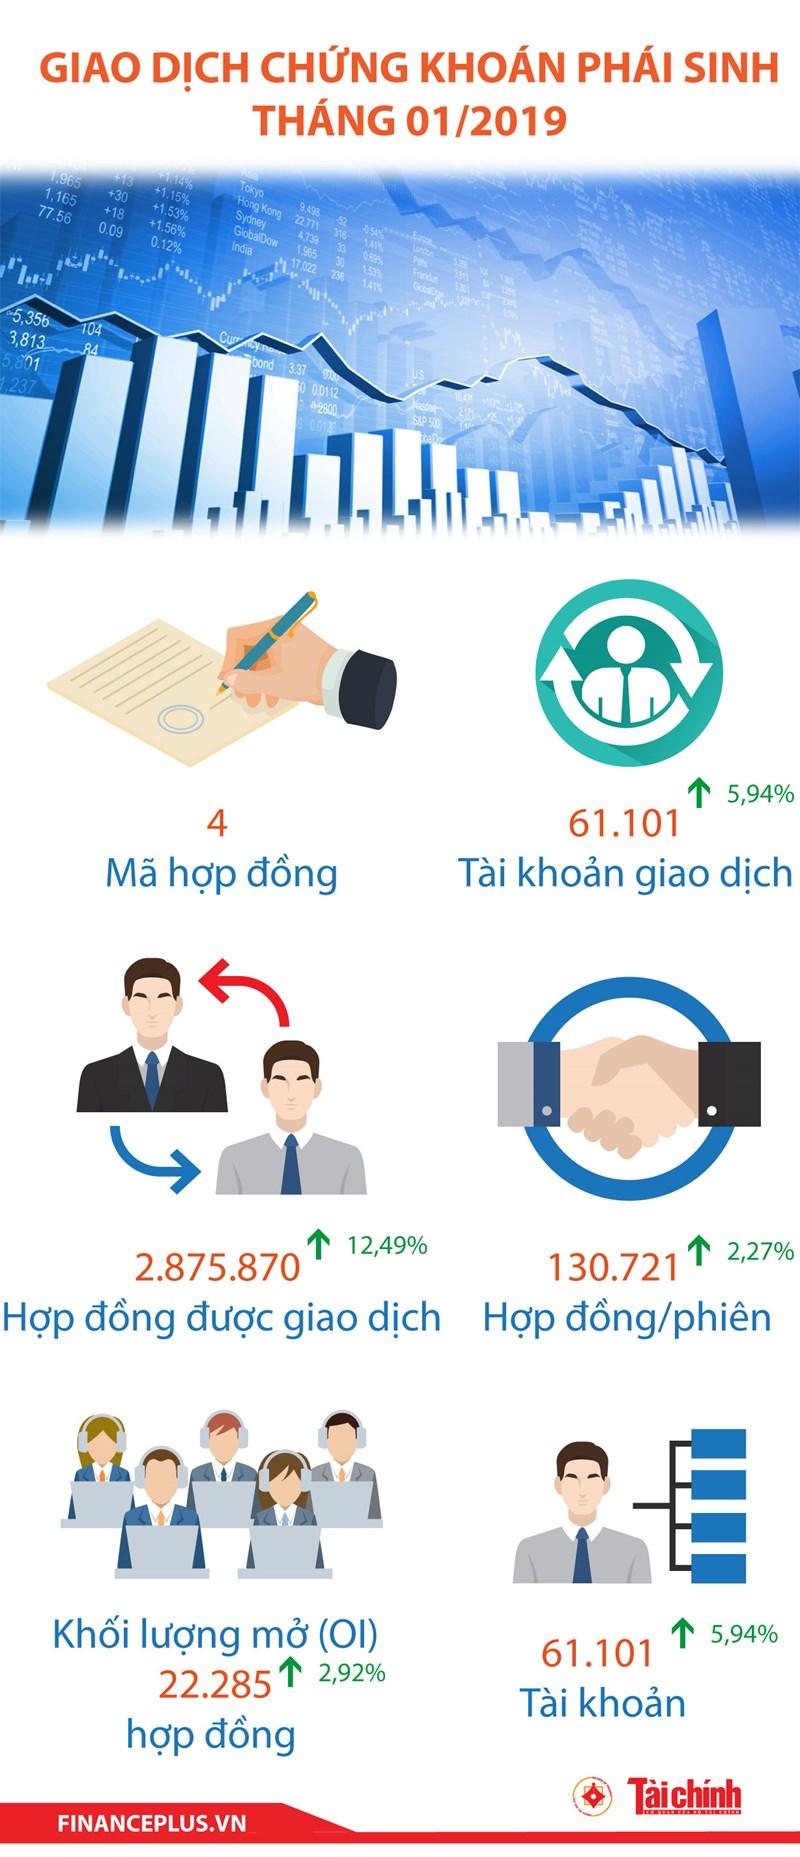 [Infographic] Thị trường chứng khoán phái sinh tháng 01/2019 - Ảnh 1